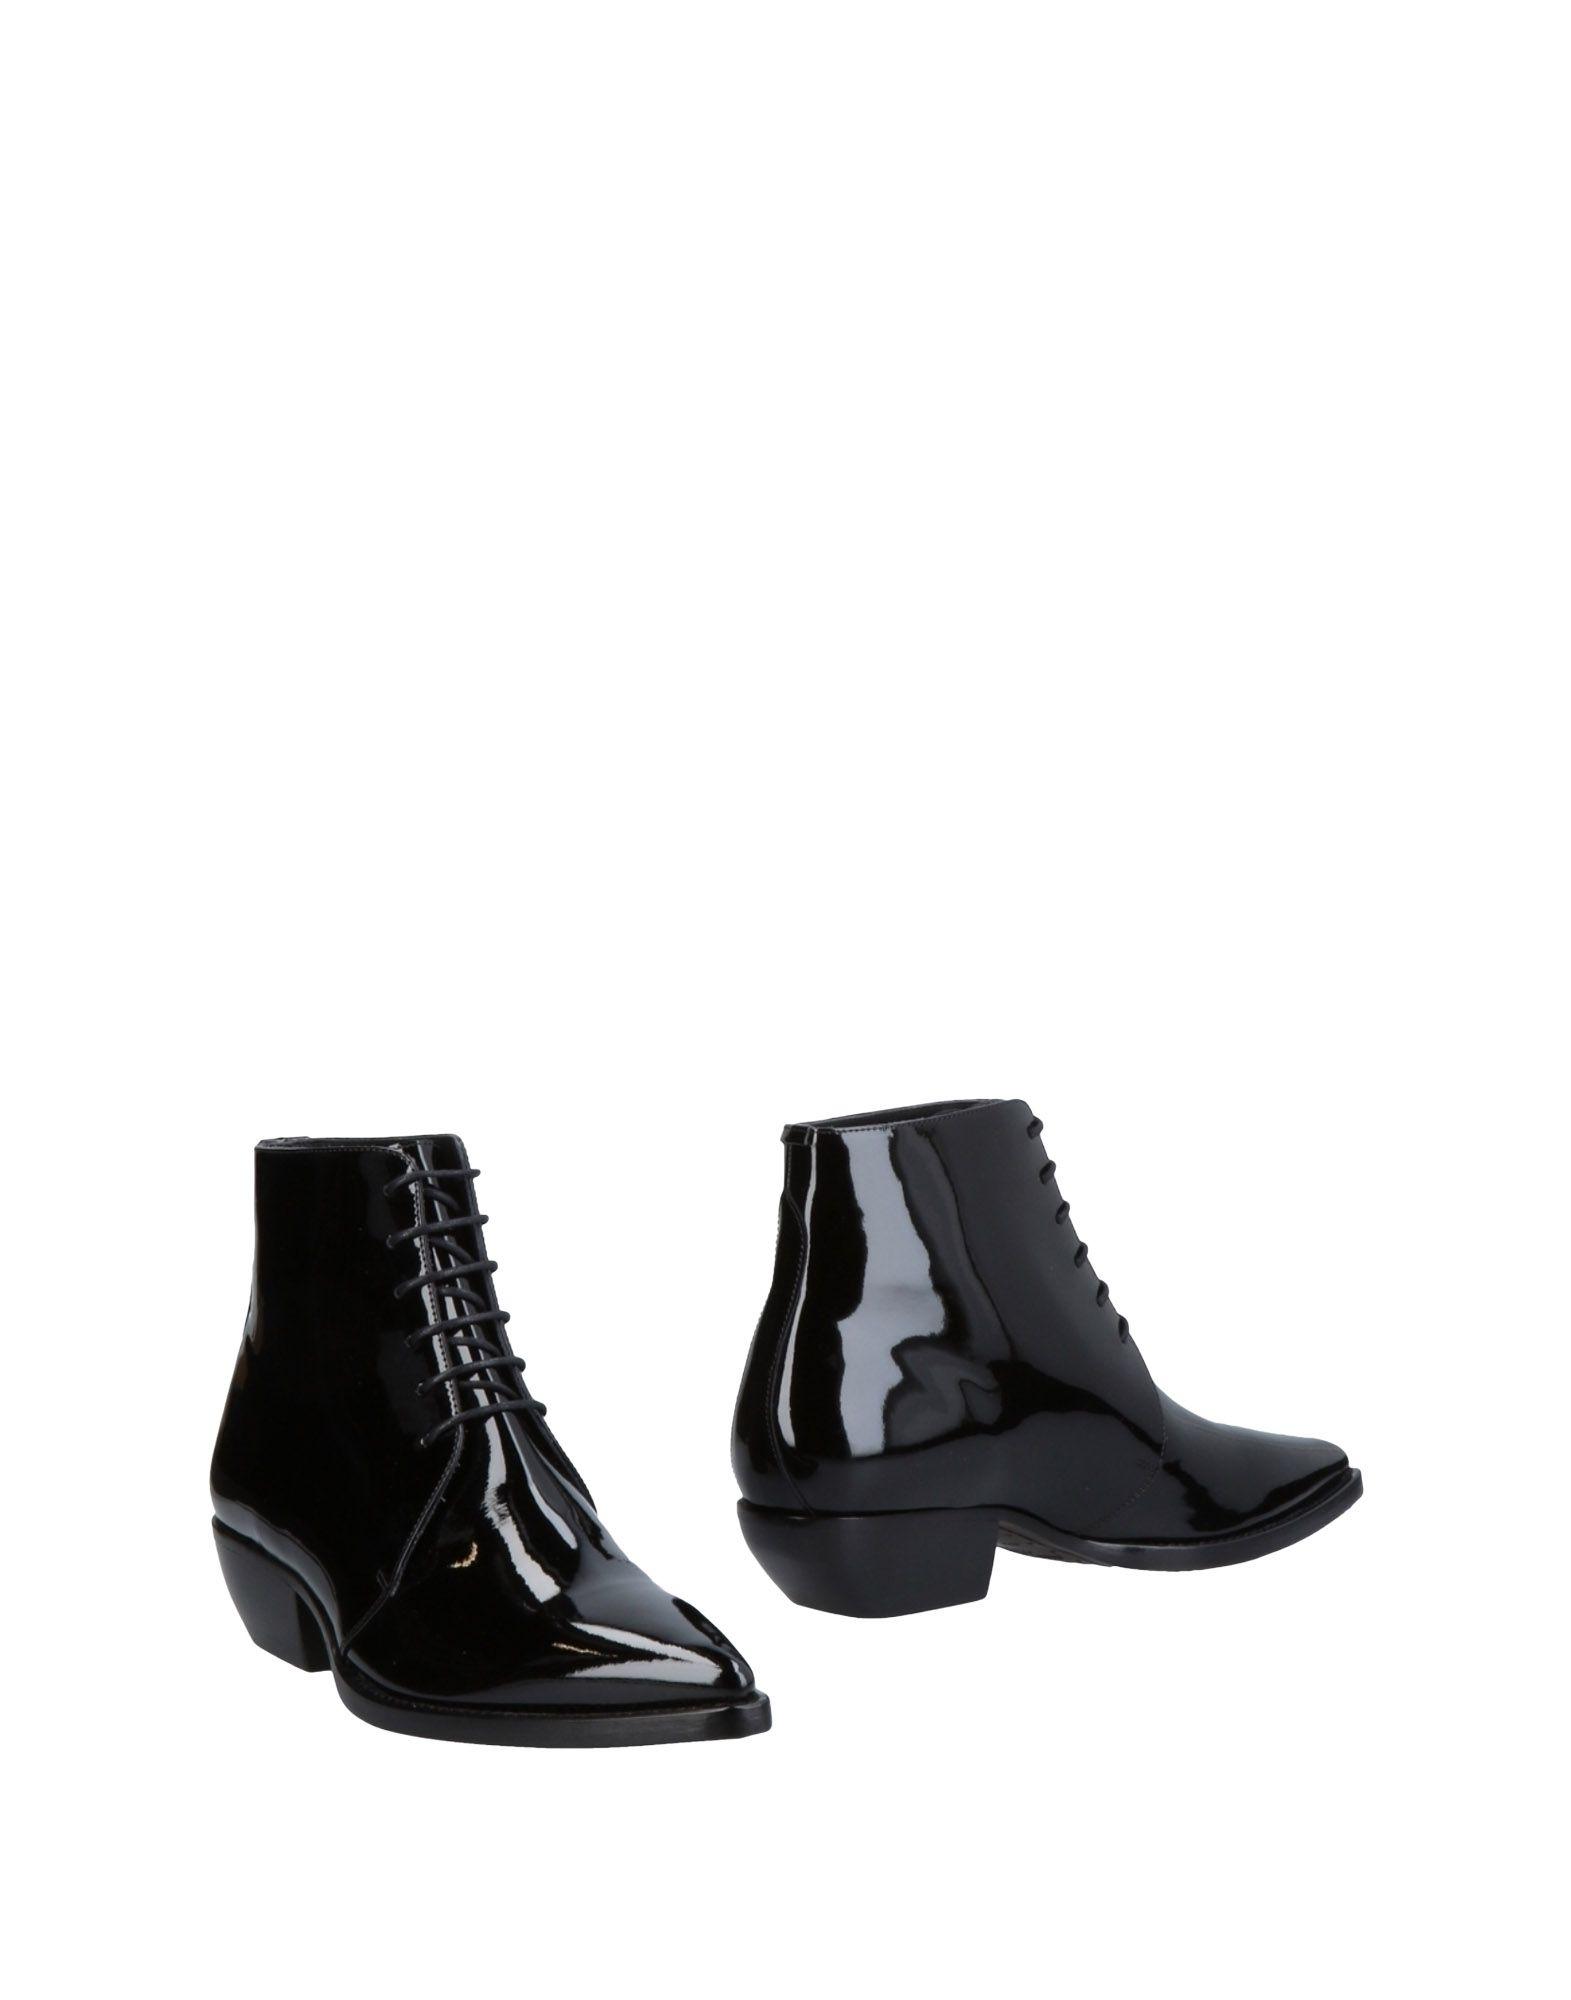 Saint Laurent Stiefelette Damen  11463773KVGünstige gut aussehende Schuhe